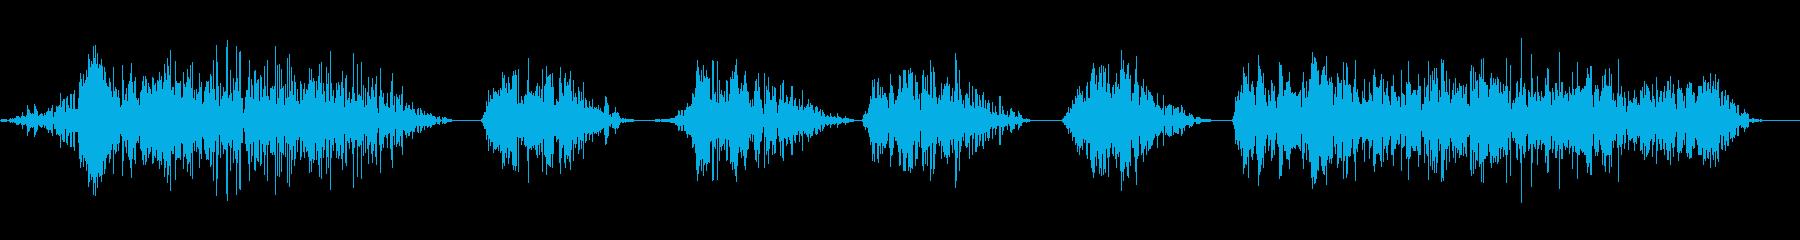 ワーハッハッハ4の再生済みの波形